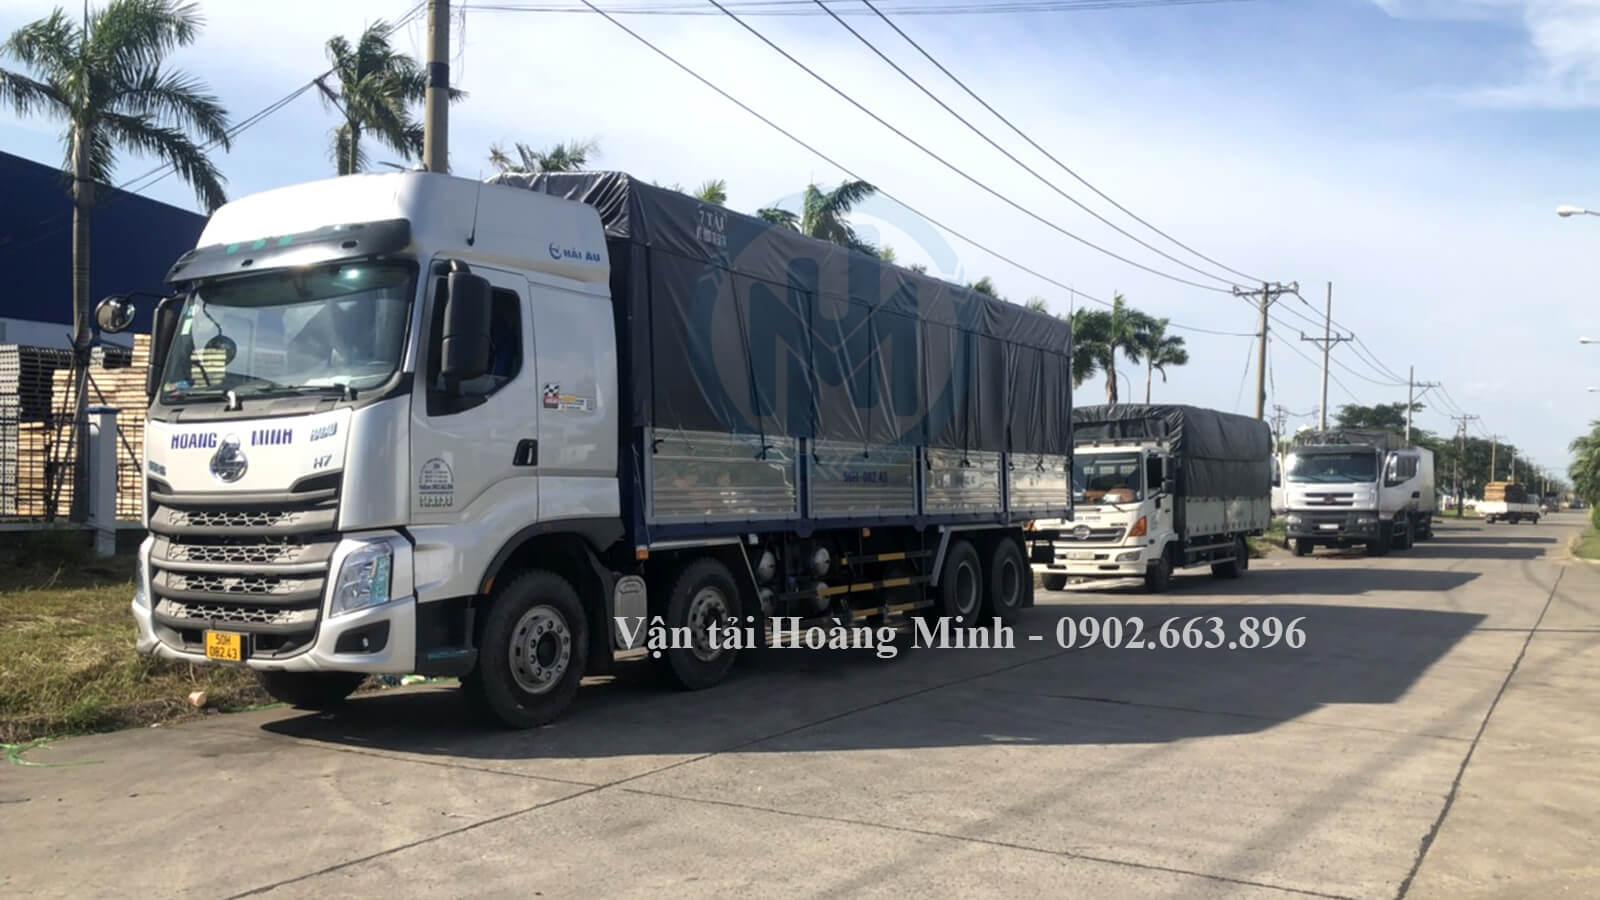 Phương án vận tải hàng hoá TPHCM cho các phương tiện vận chuyển